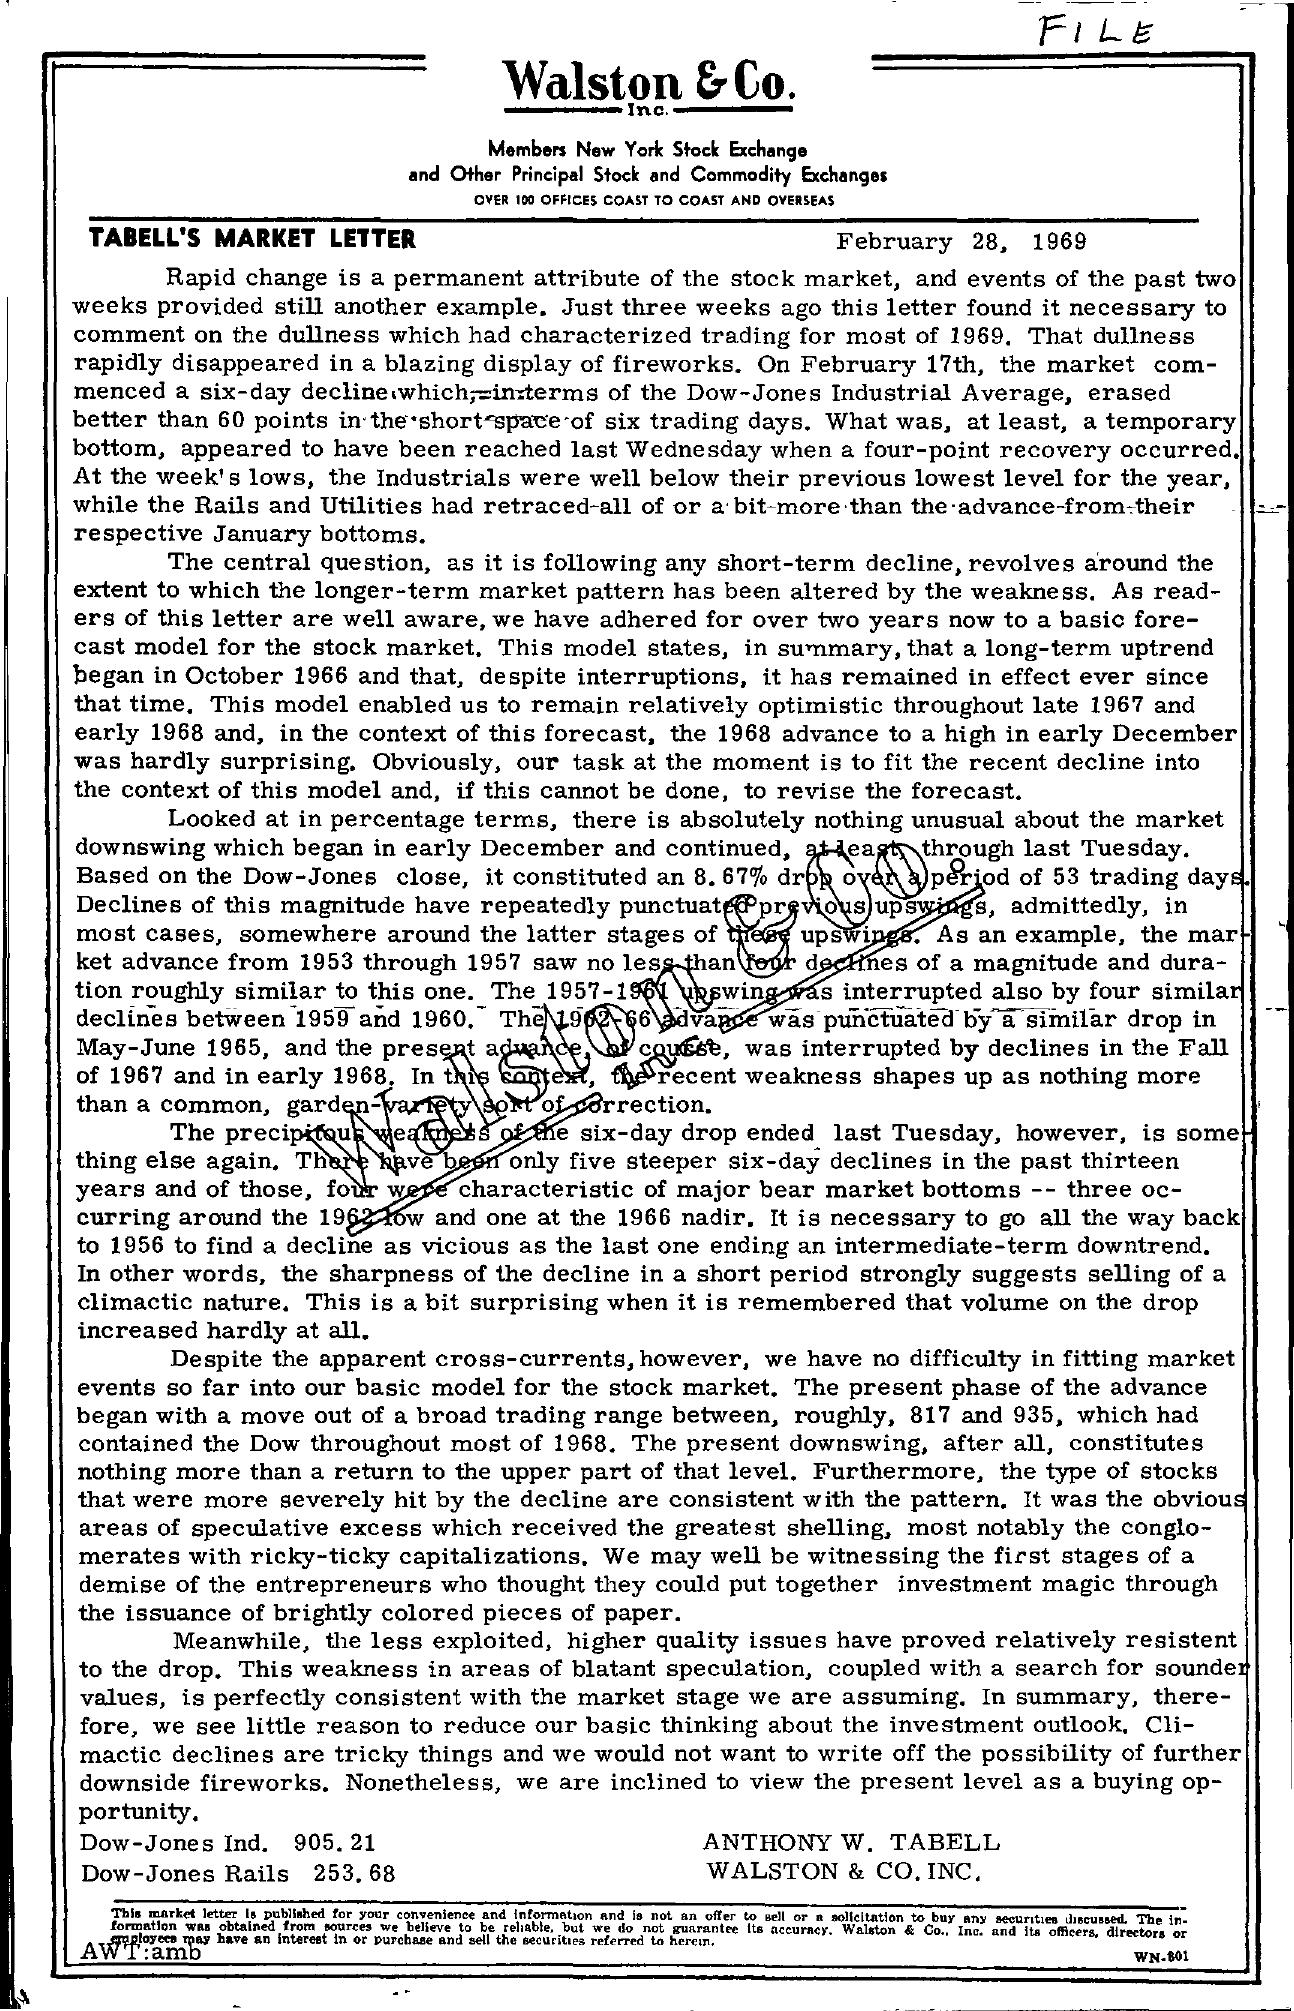 Tabell's Market Letter - February 28, 1969